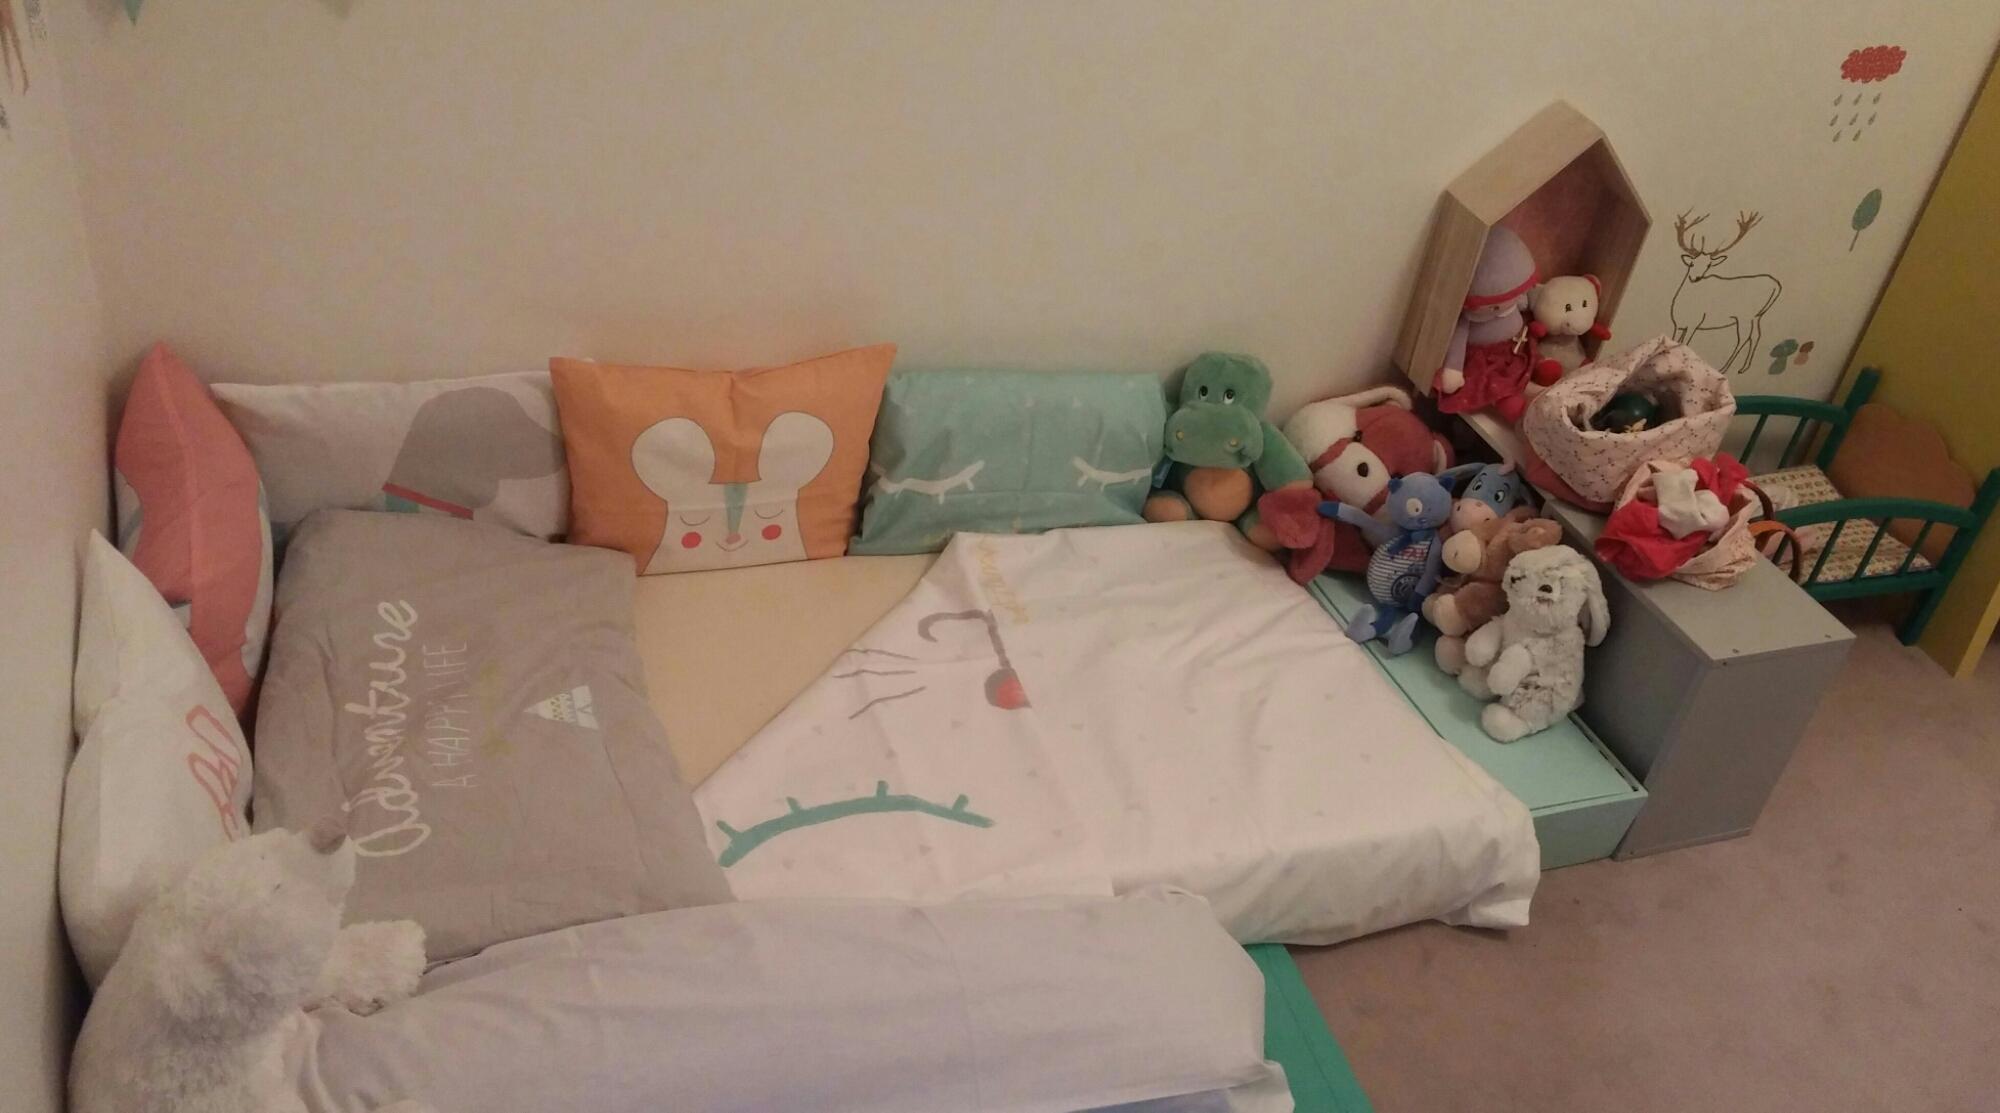 Lit Cabane Maman Louve notre lit d'inspiration montessori – happynaiss